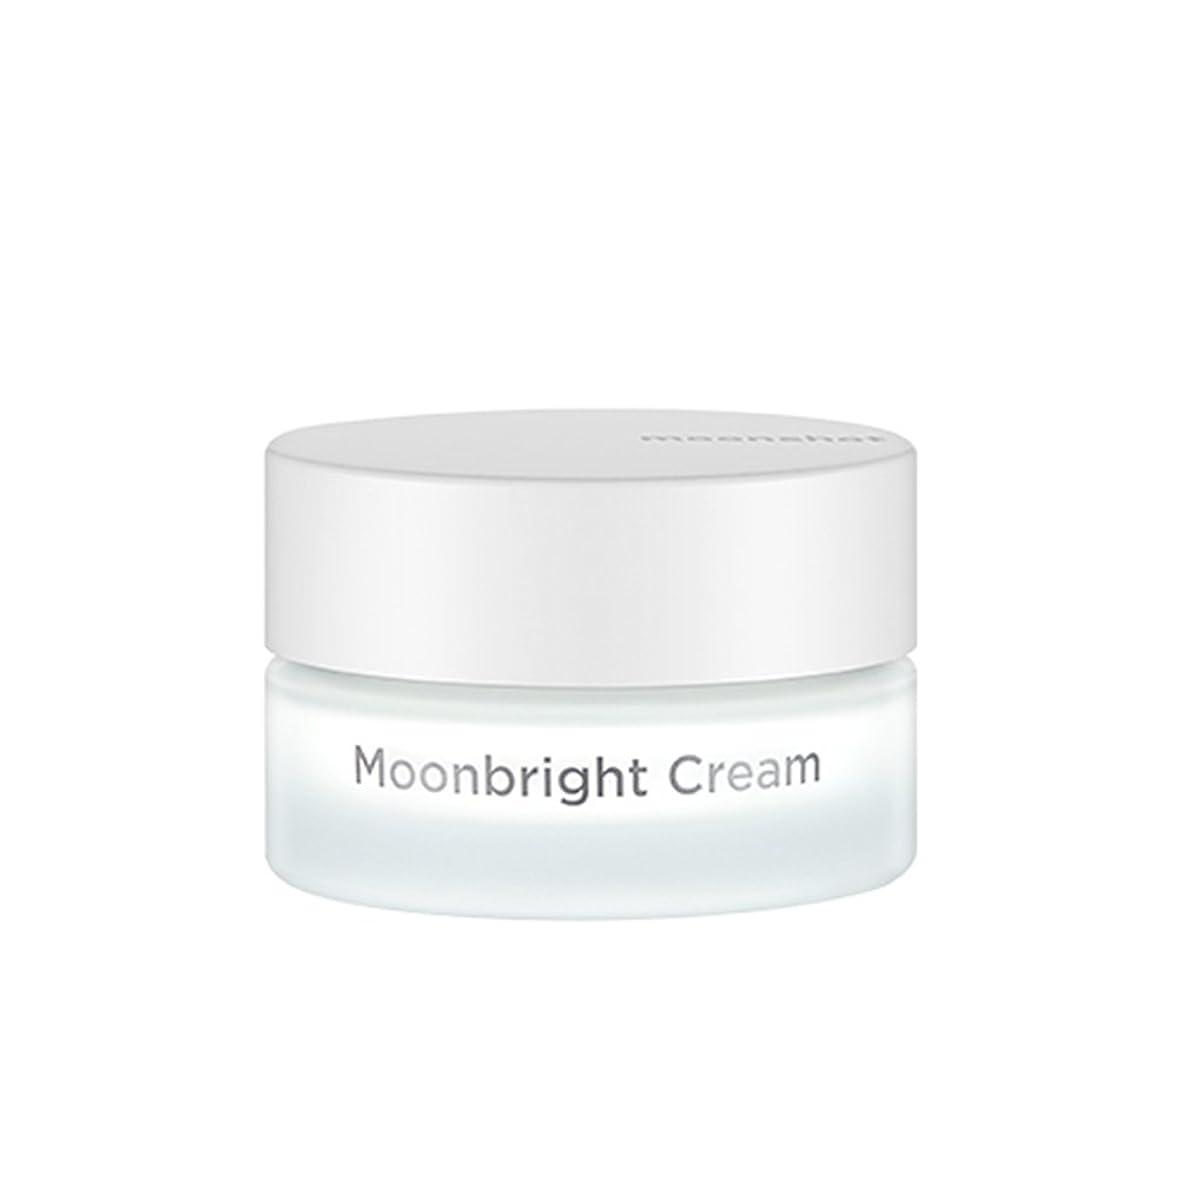 市の中心部放射するフレット【moonshot 公式】Moonshot Moonbright Cream ムーンショットブライトクリーム 肌トーンアップ ブライトニング YG公式コスメブランド 正規品 (割引配送(7-14日,300円割引))